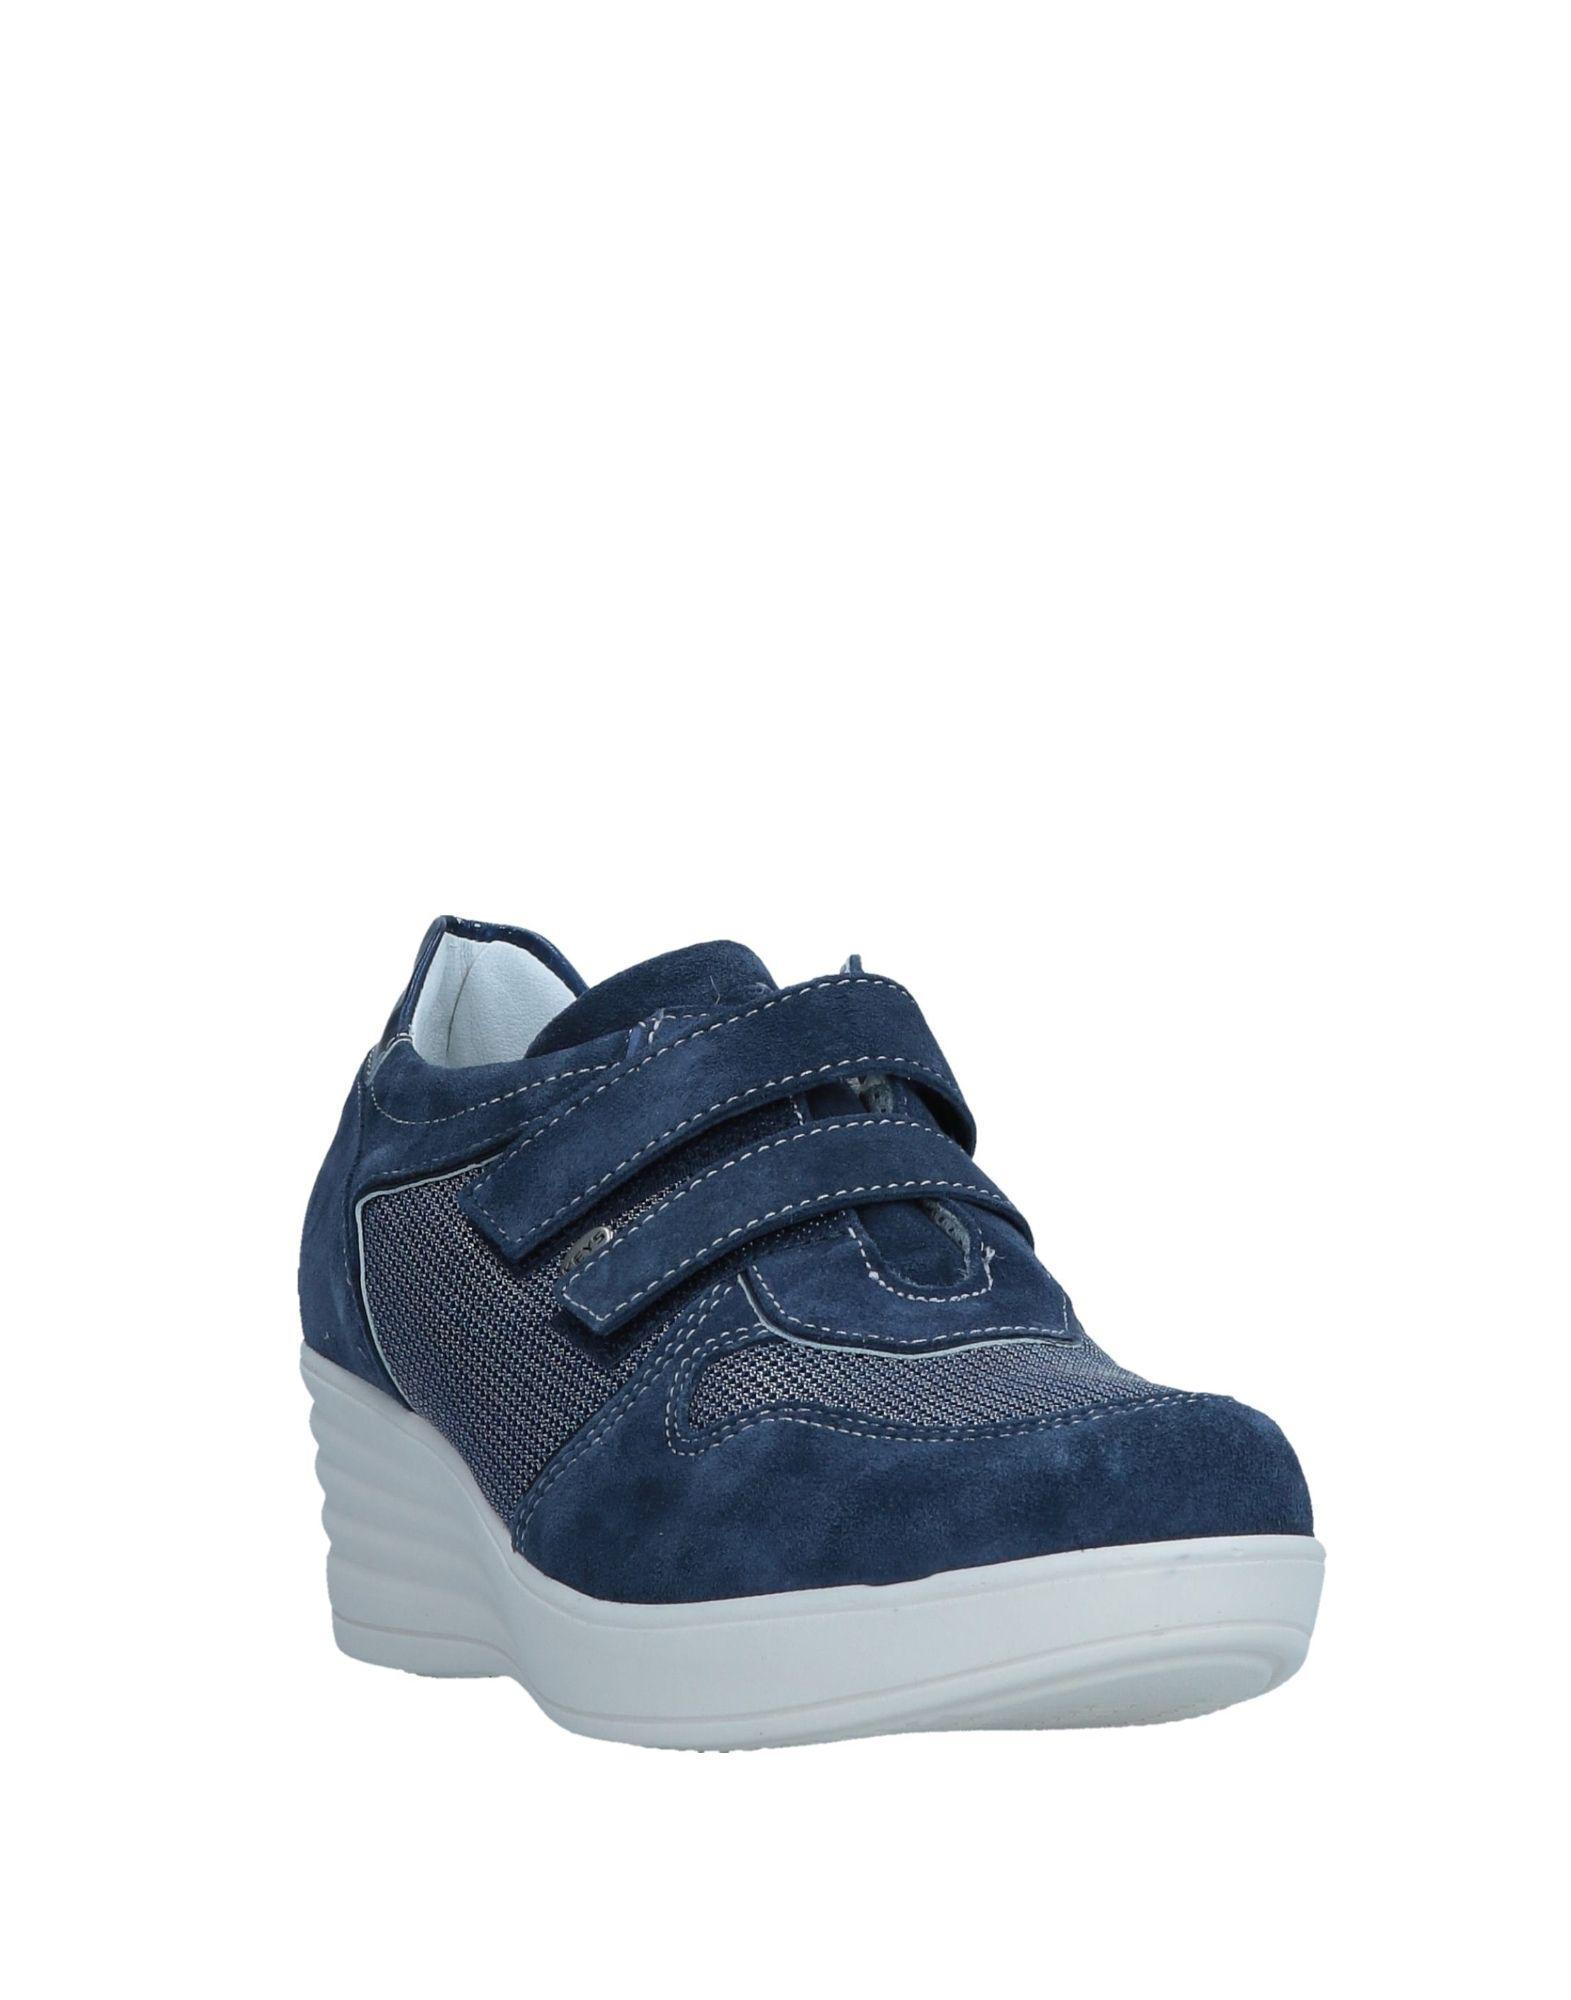 Keys Suede Low-tops & Sneakers in Dark Blue (Blue)